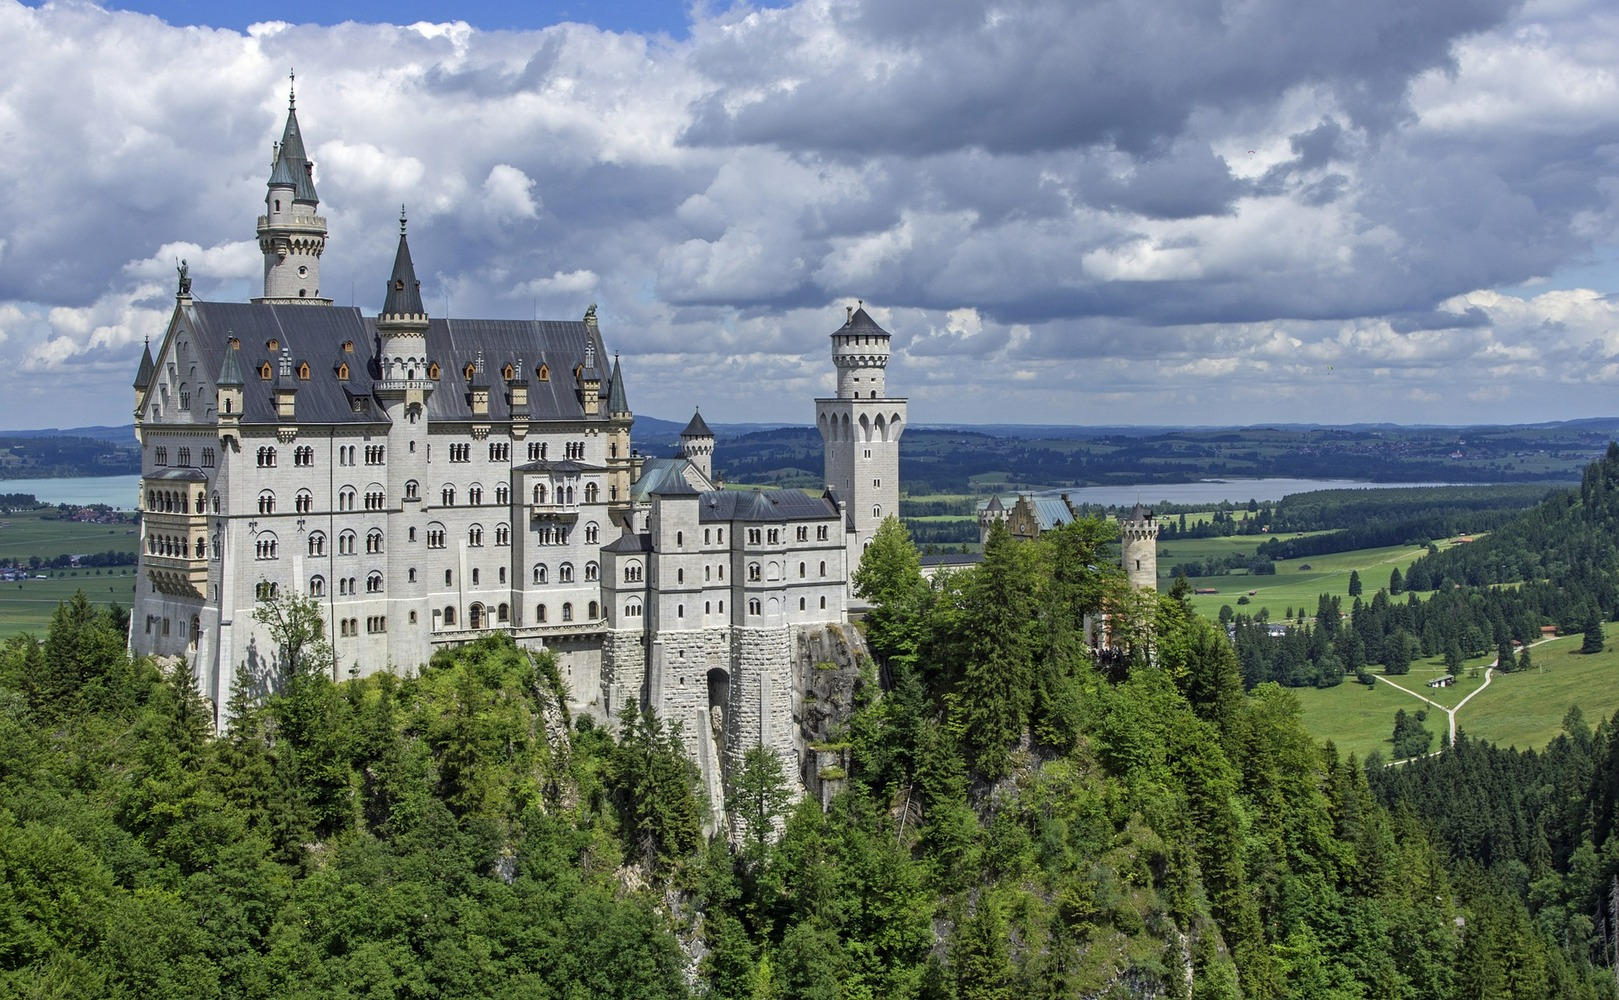 Podróże do Niemiec - najlepsze sposoby - MrGentleman.pl